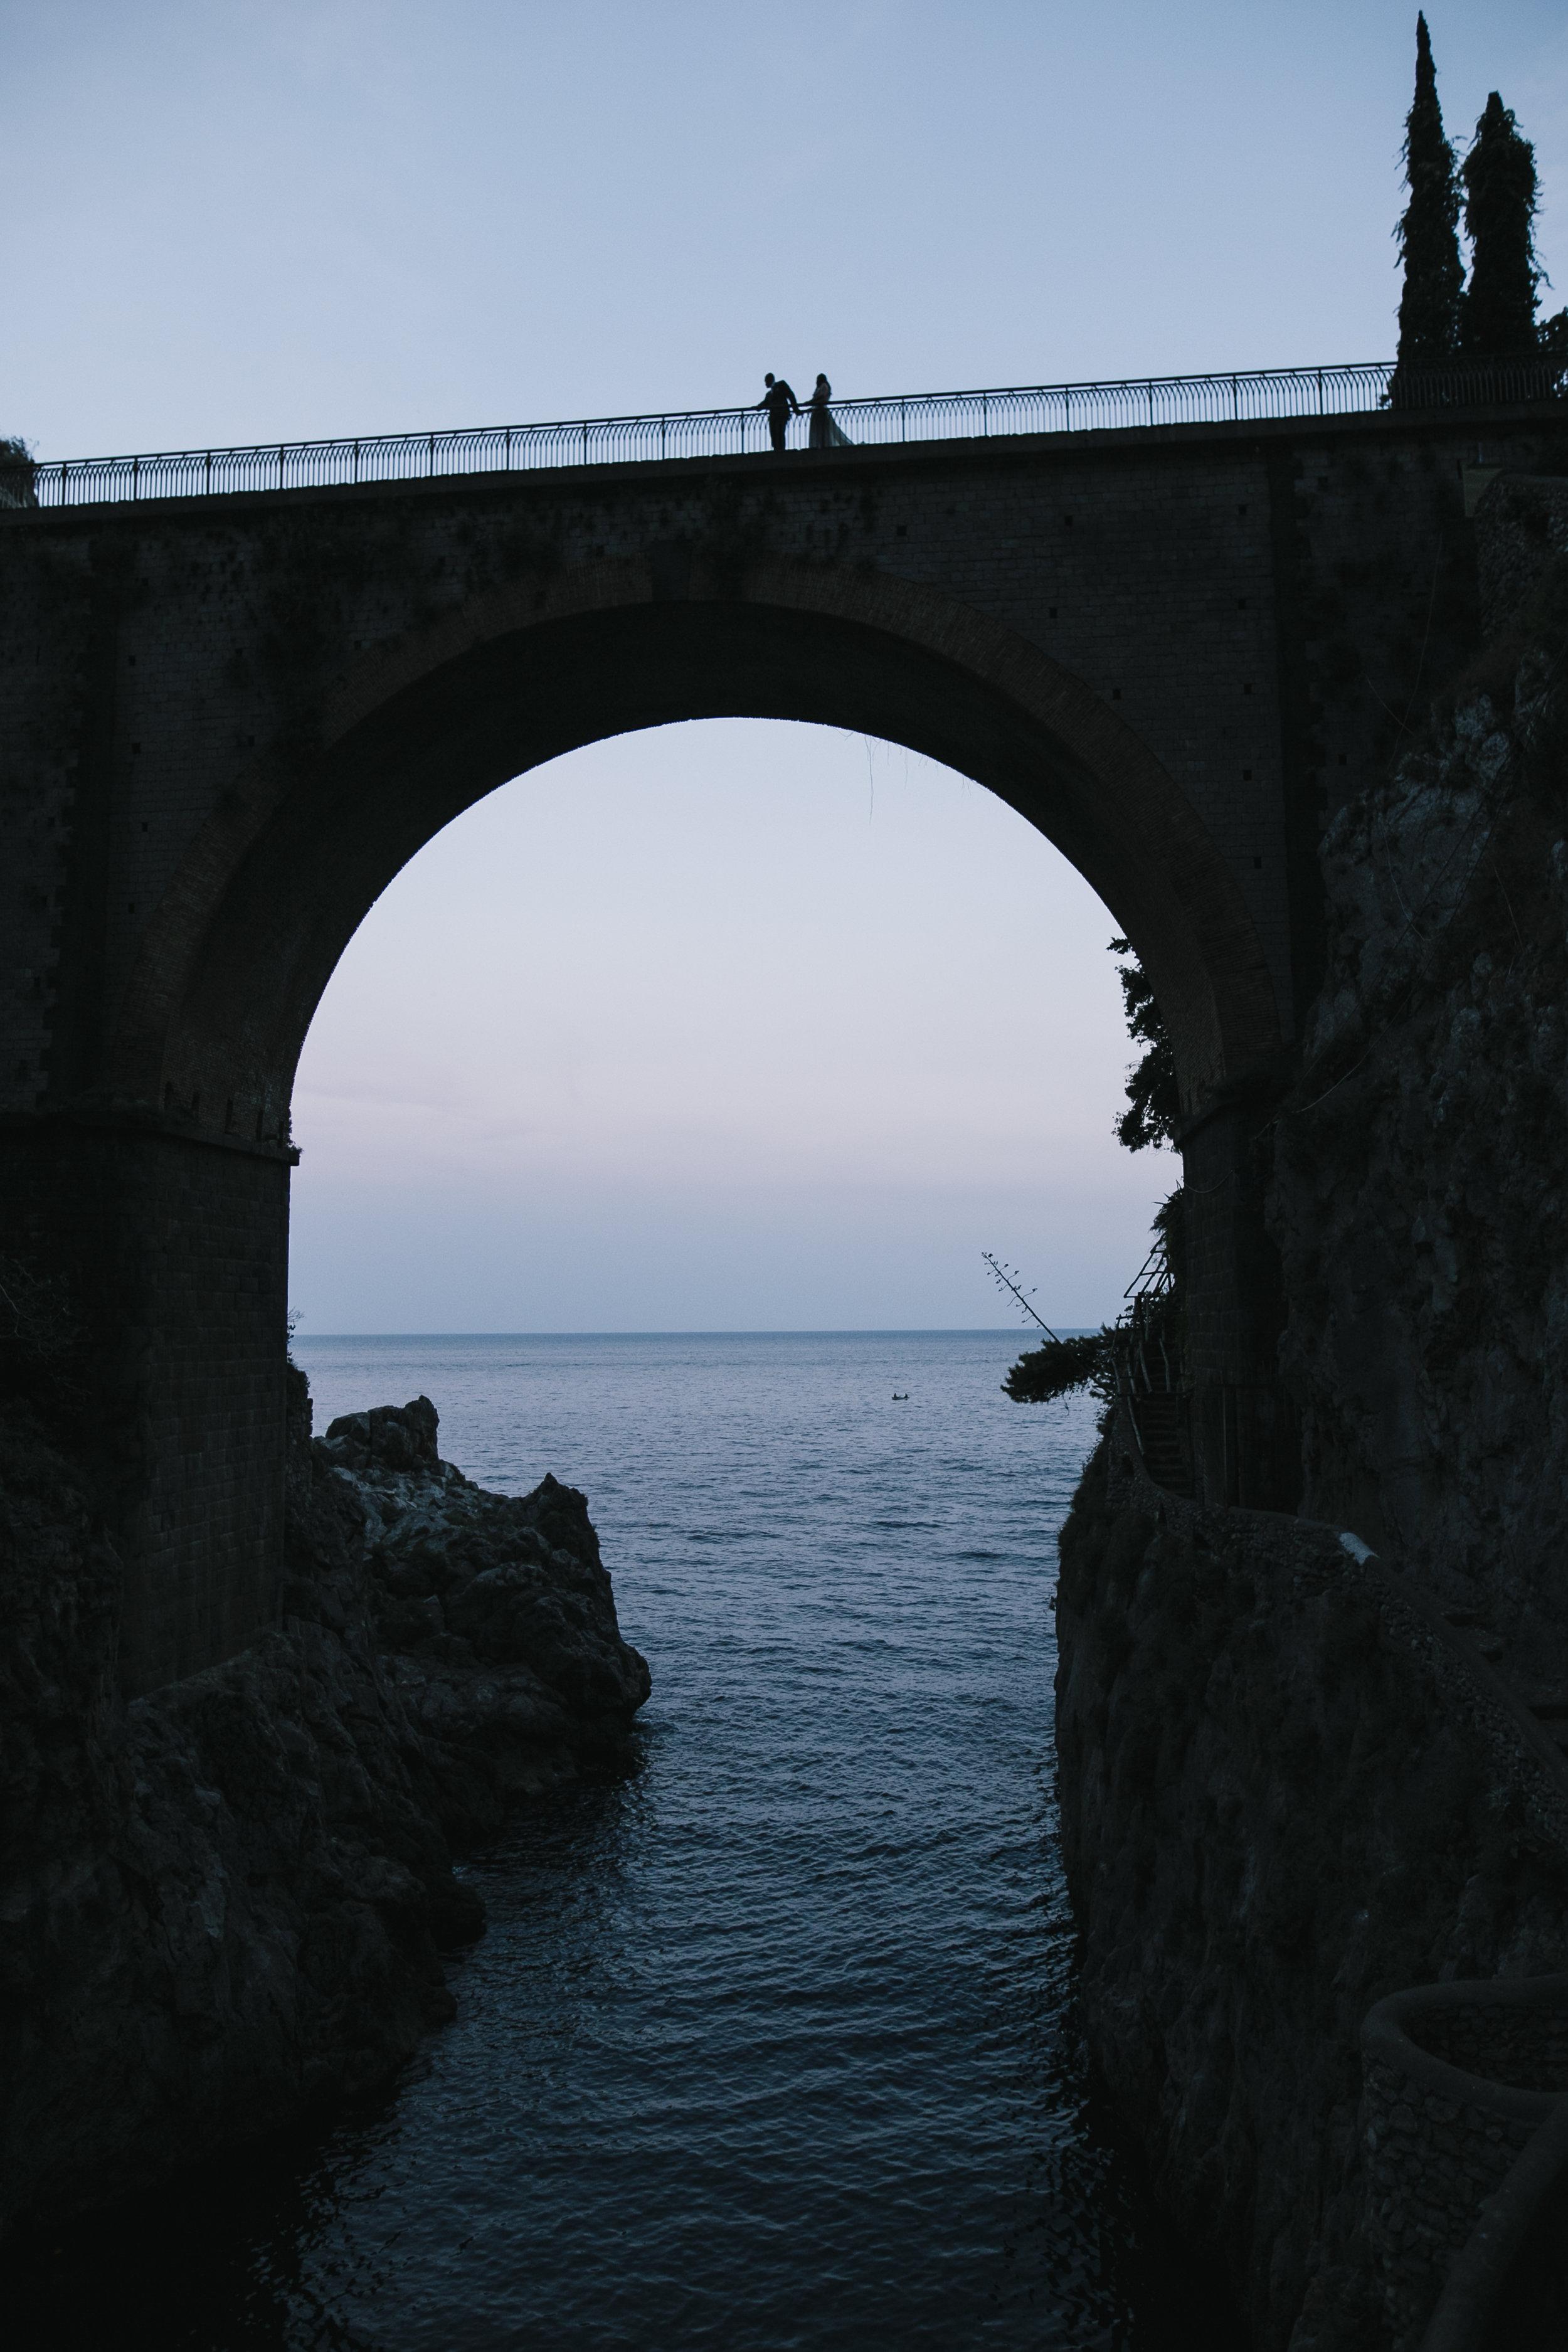 praiano-282.jpg